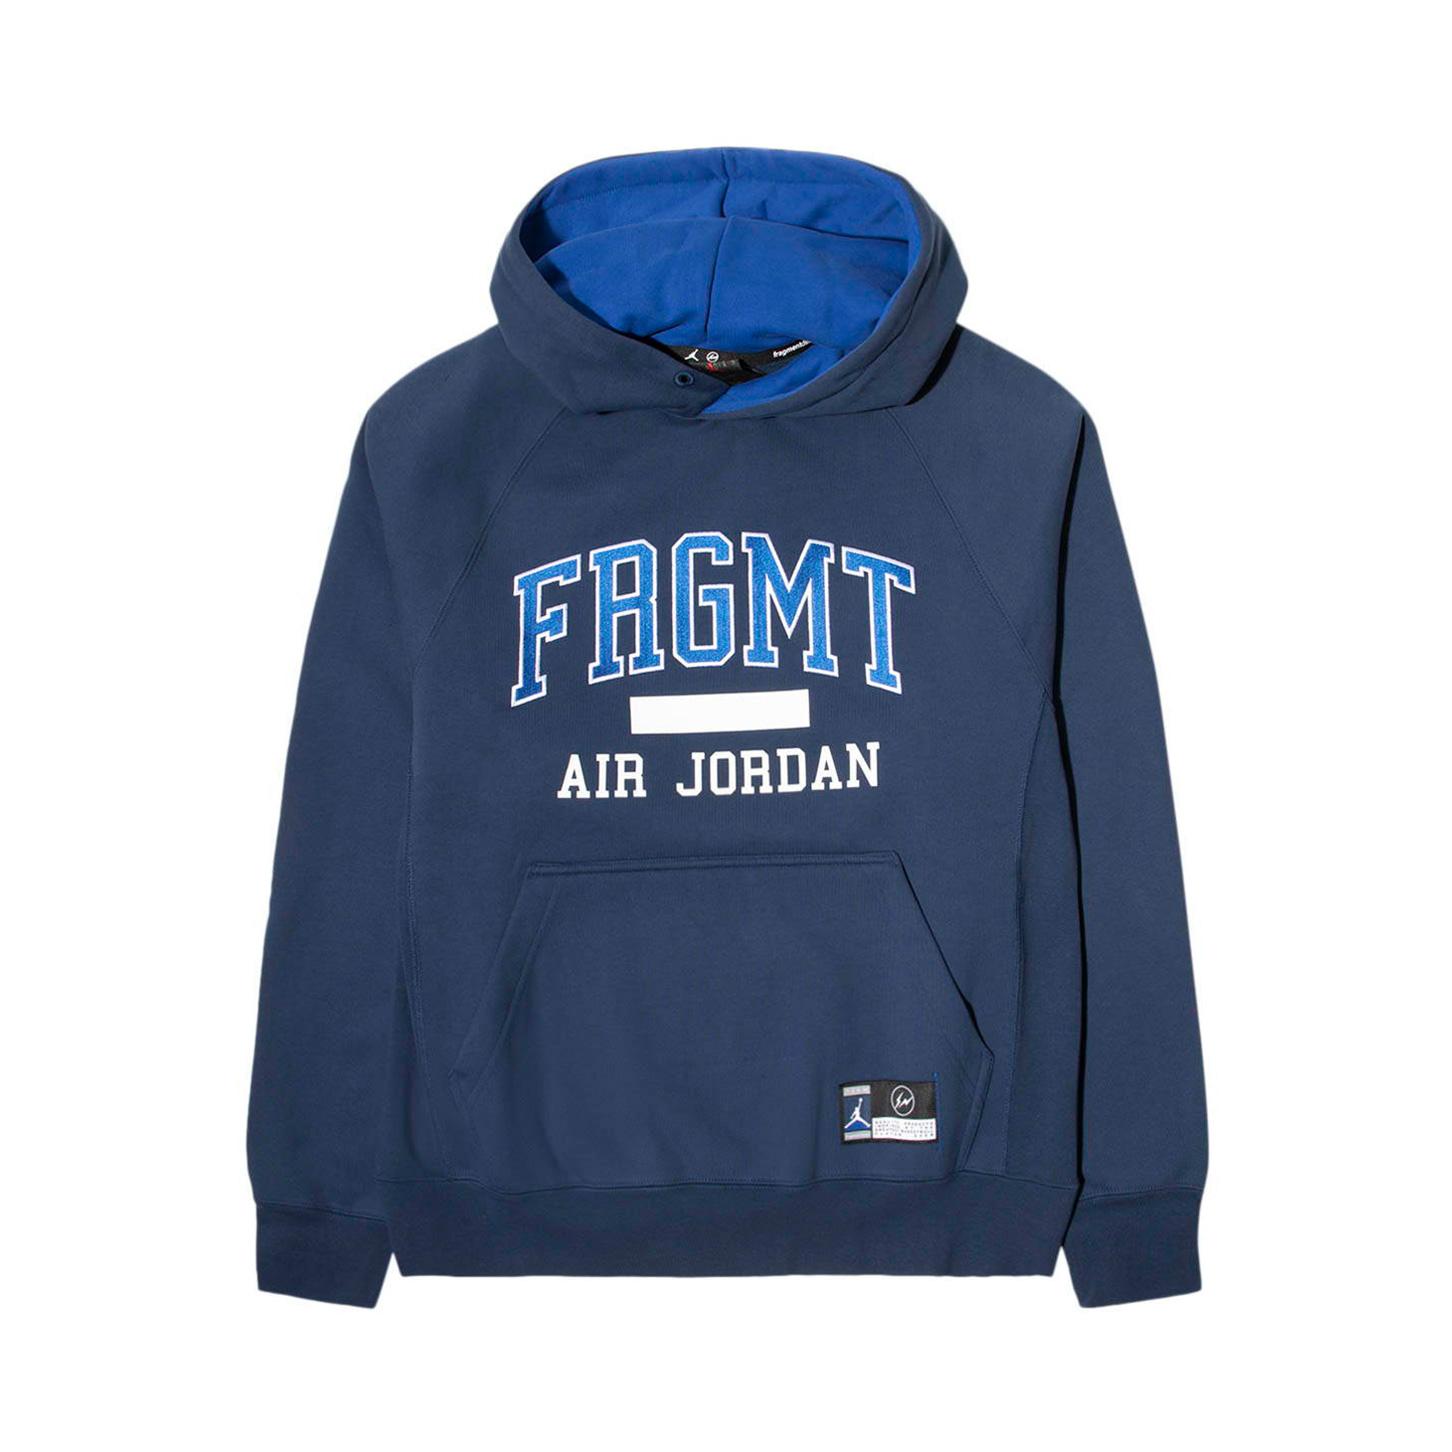 Jordan X Fragment Navy Fleece Pullover Hoodie